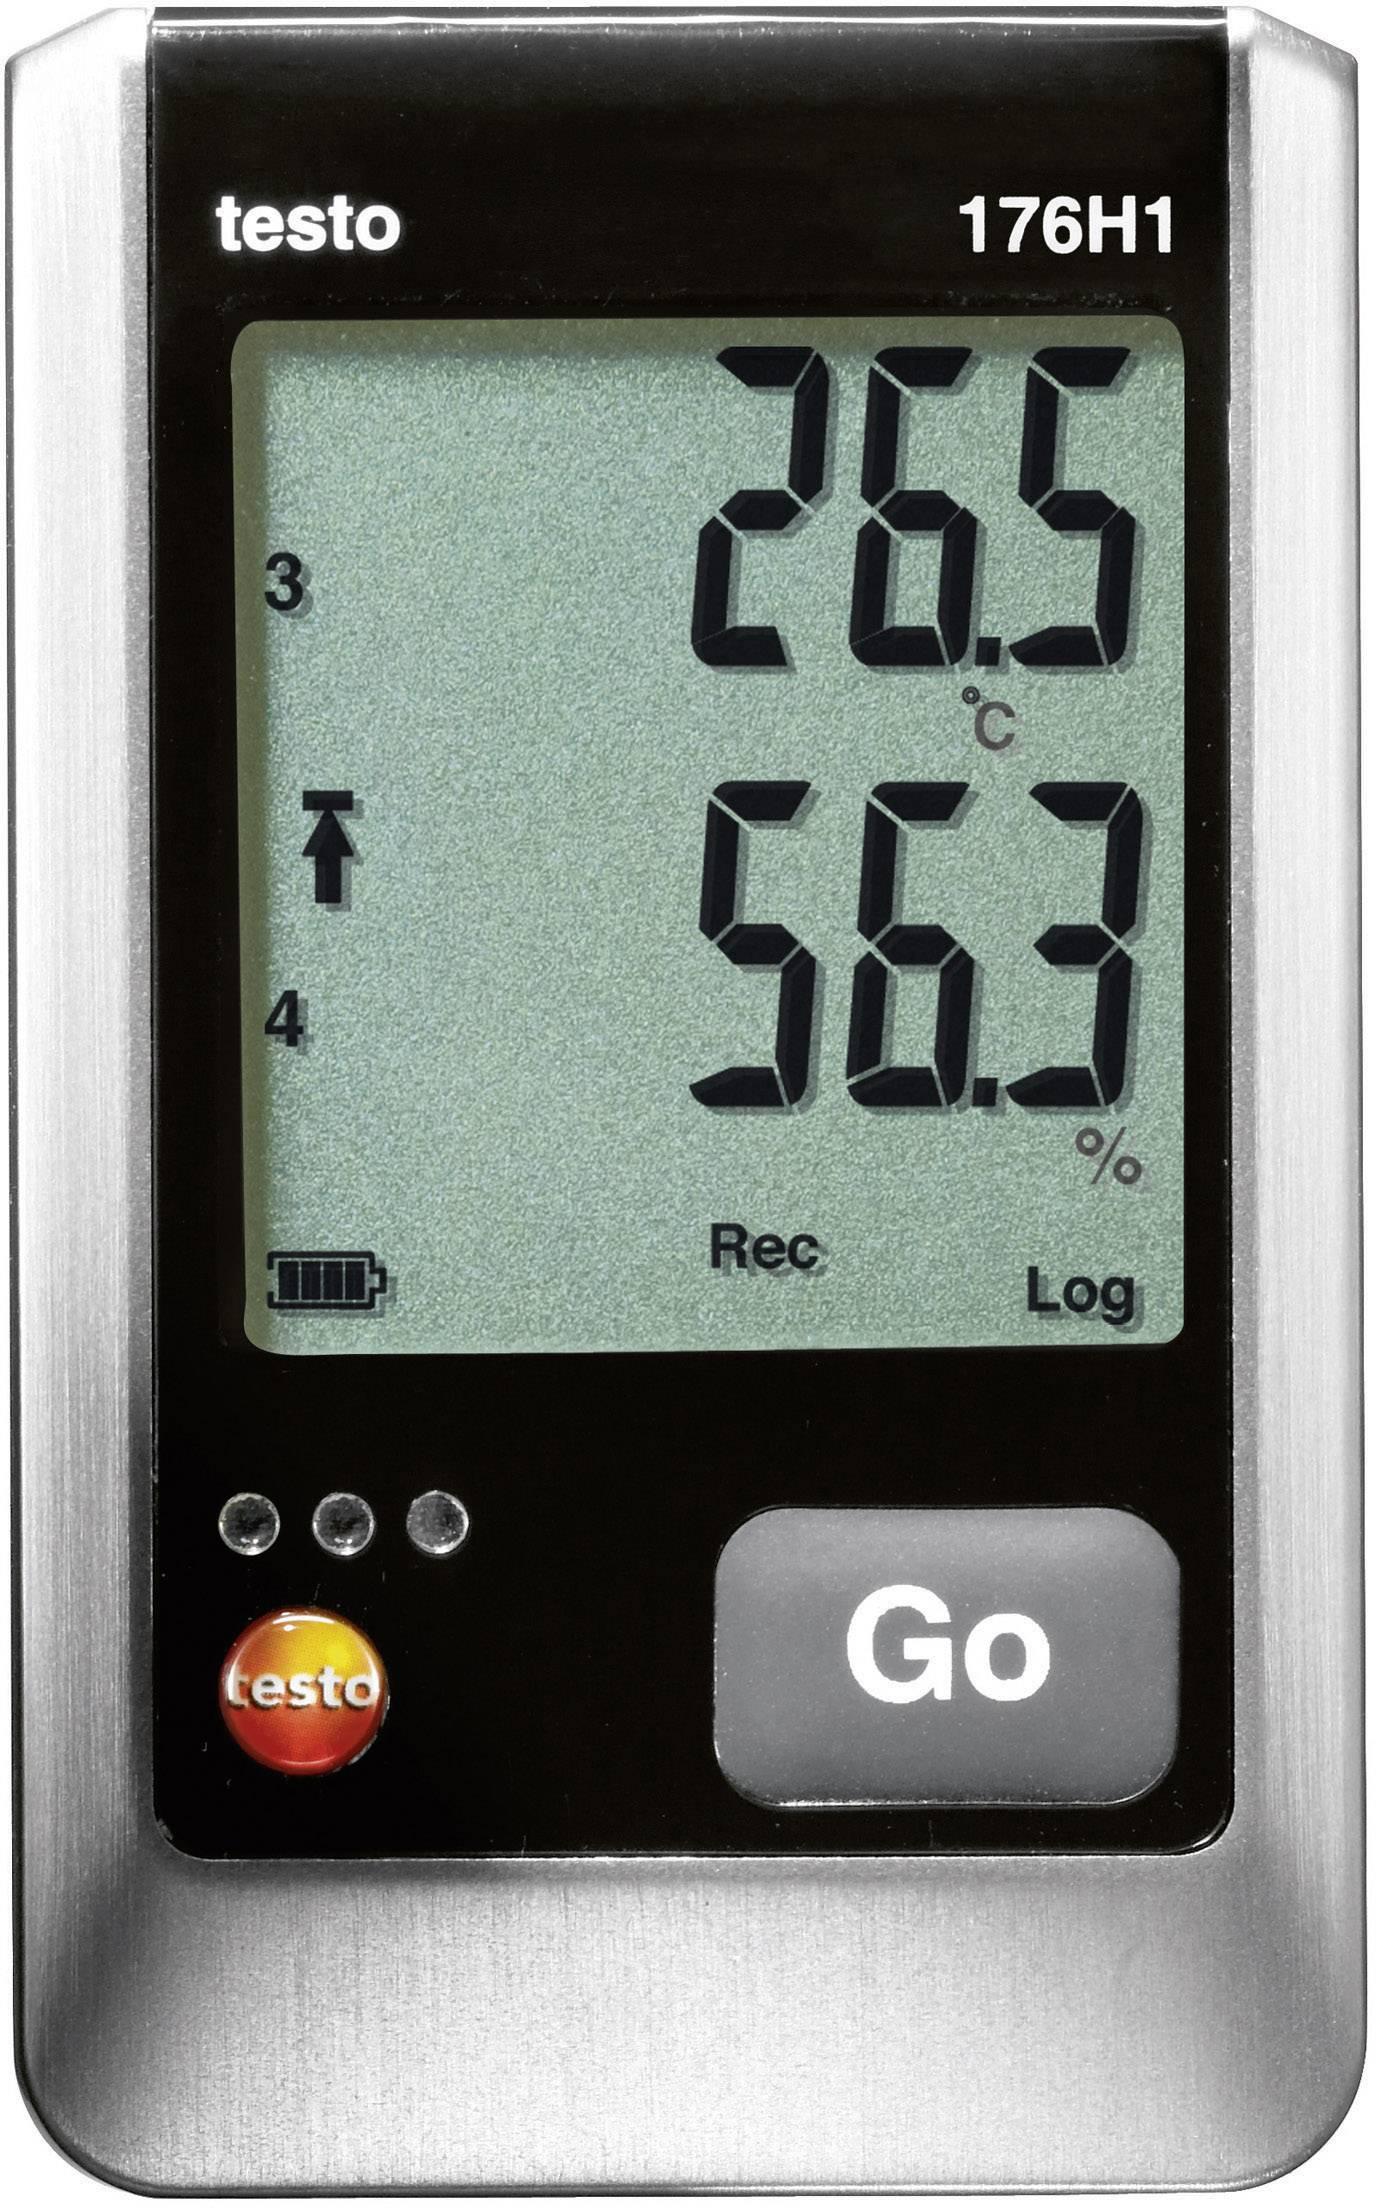 Teplotný/vlhkostný datalogger testo 176 H1, -20 až +70 °C